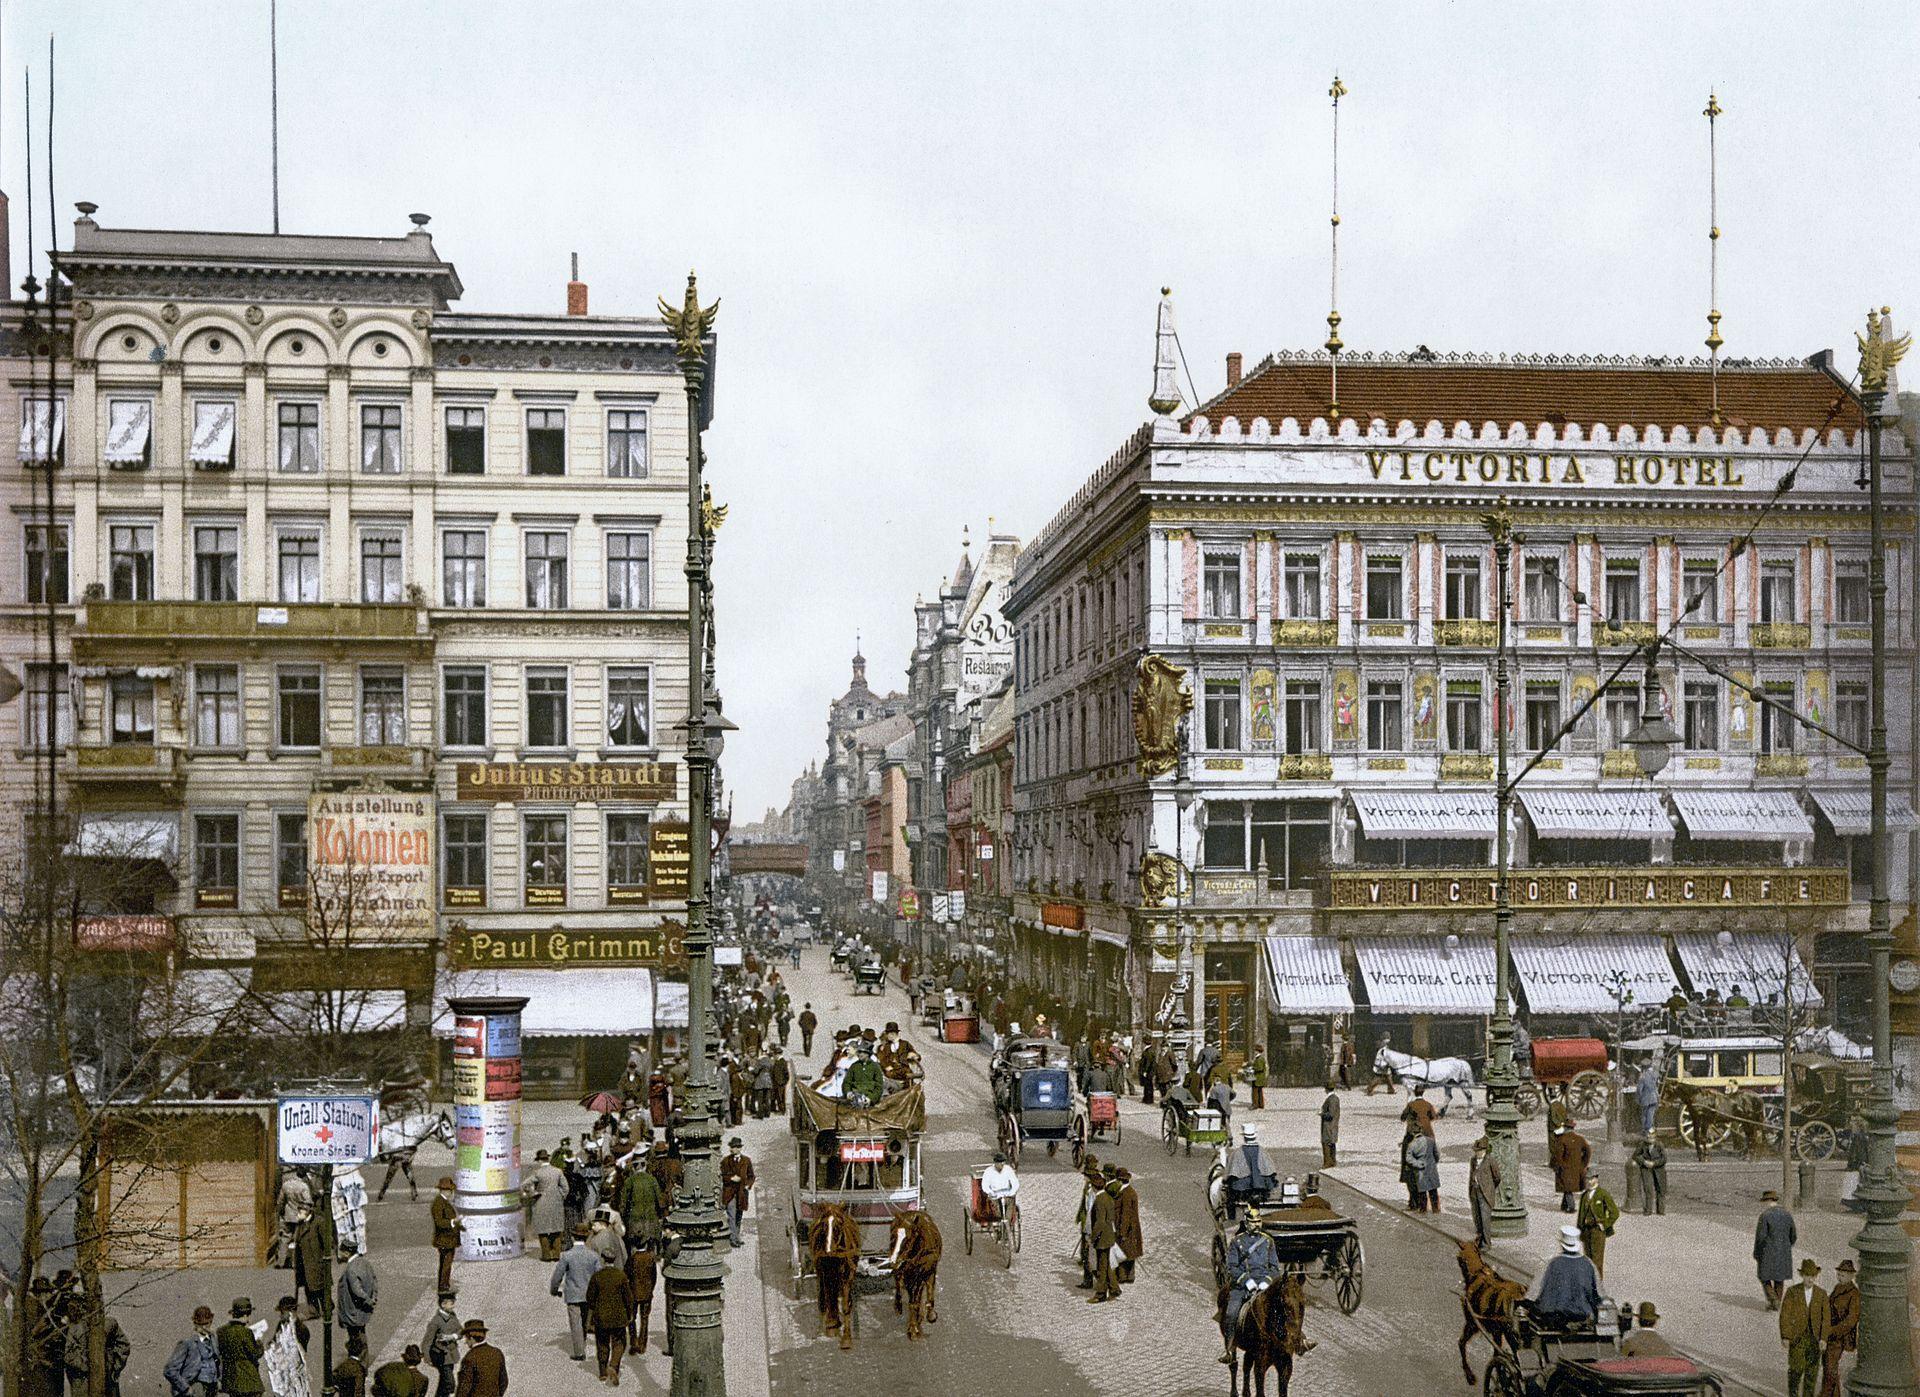 1920px-berlin_unter_den_linden_victoria_hotel_um_1900